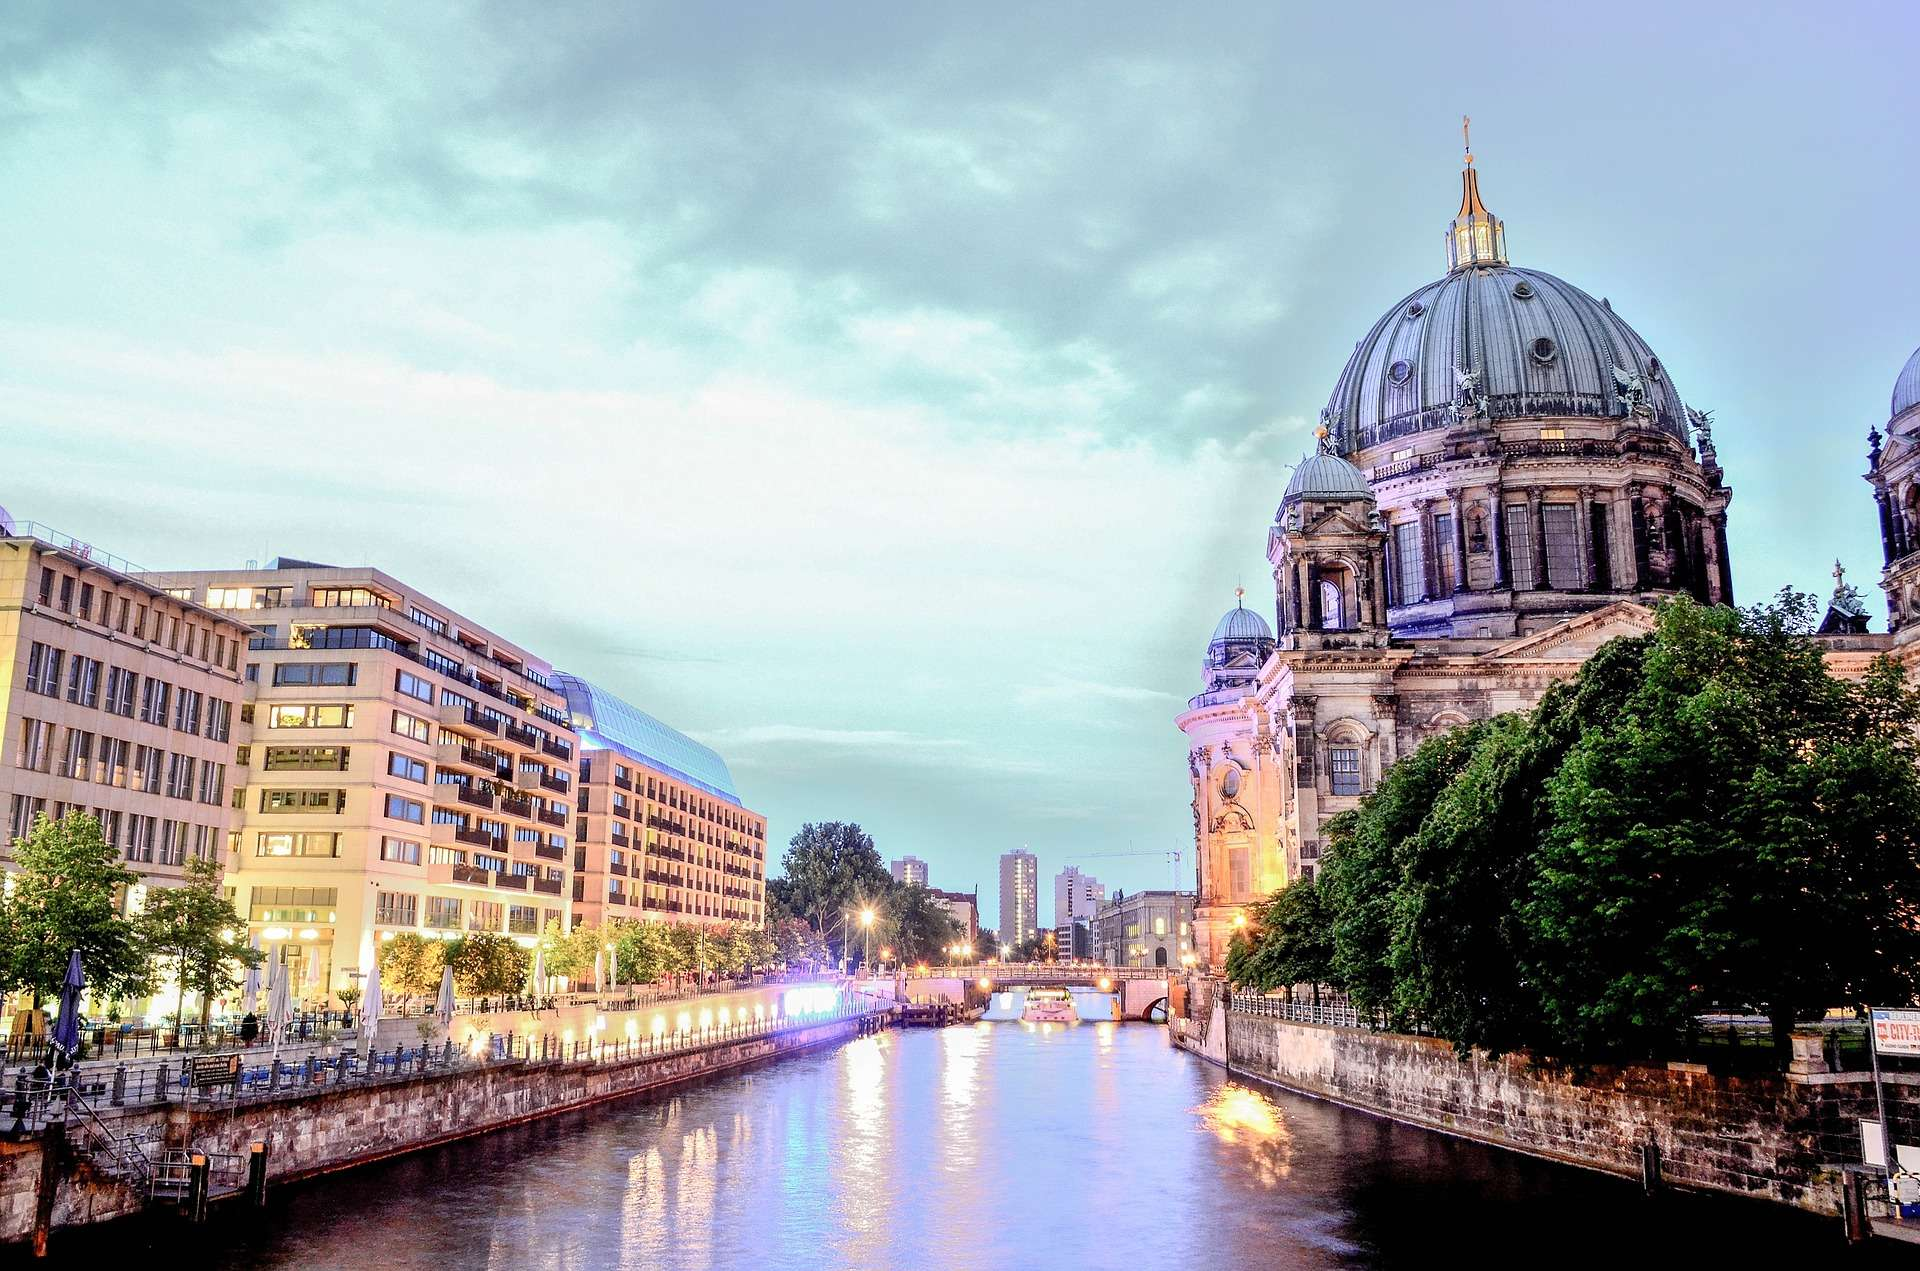 Direktflüge und Billigflüge nach Deutschland